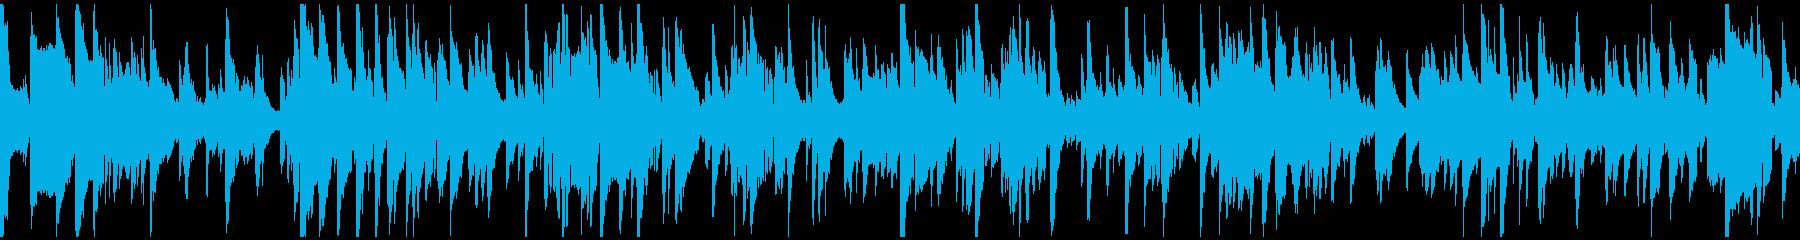 優雅なサックスのジャズバラード※ループ版の再生済みの波形